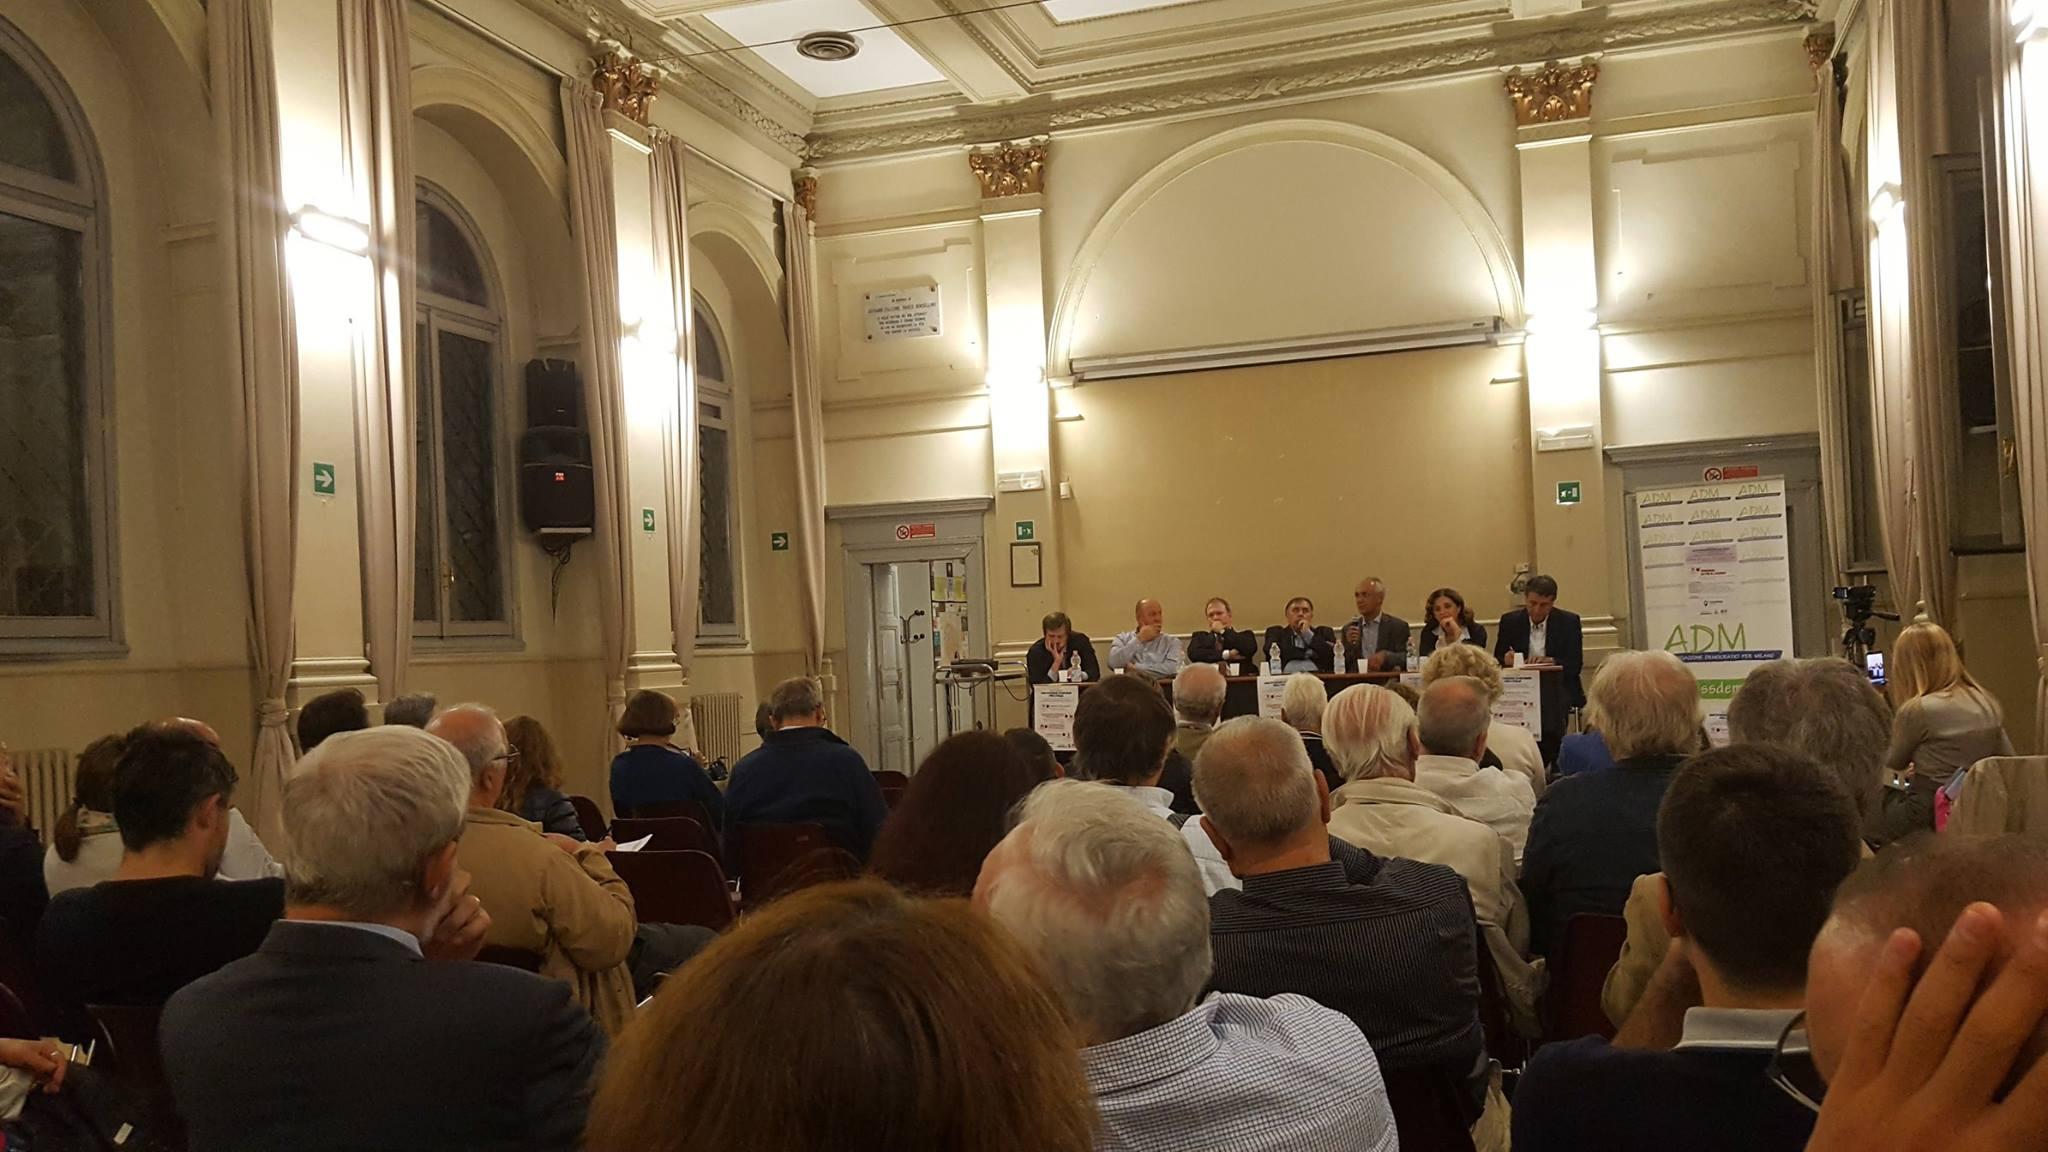 Associazione Democratici per Milano